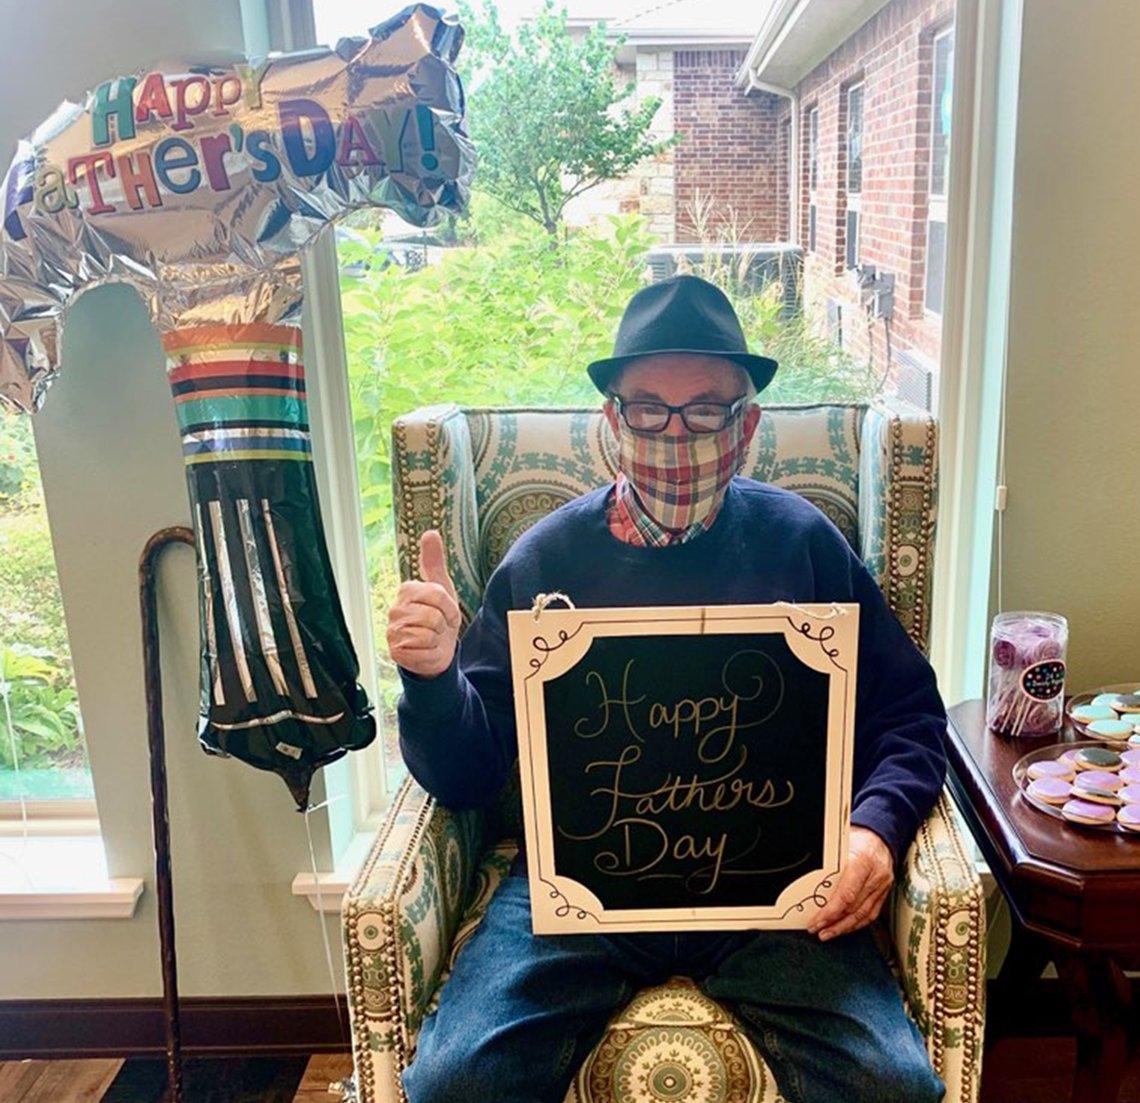 Richard, usando una mascarilla, festeja el Día de los padres en un hogar de ancianos